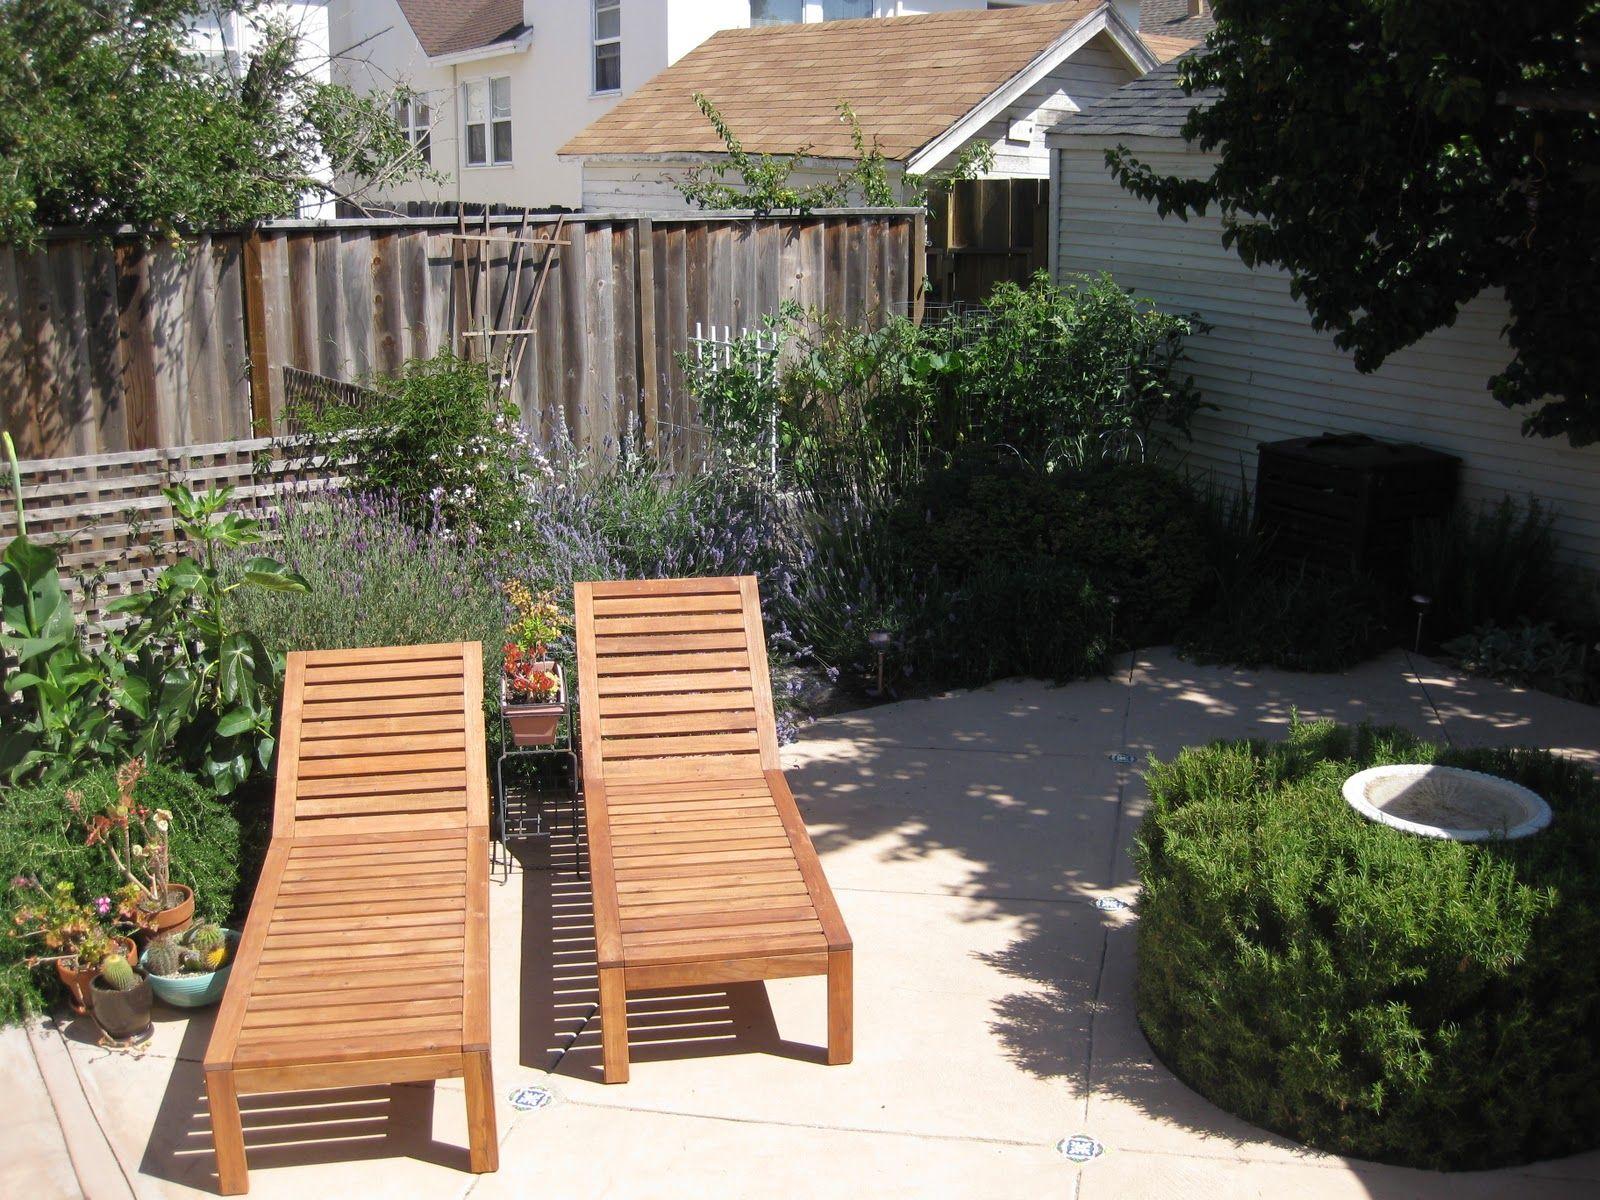 Full Size of Gartenliege Ikea Backyard Oasis Küche Kaufen Sofa Mit Schlaffunktion Modulküche Kosten Betten Bei Miniküche 160x200 Wohnzimmer Gartenliege Ikea